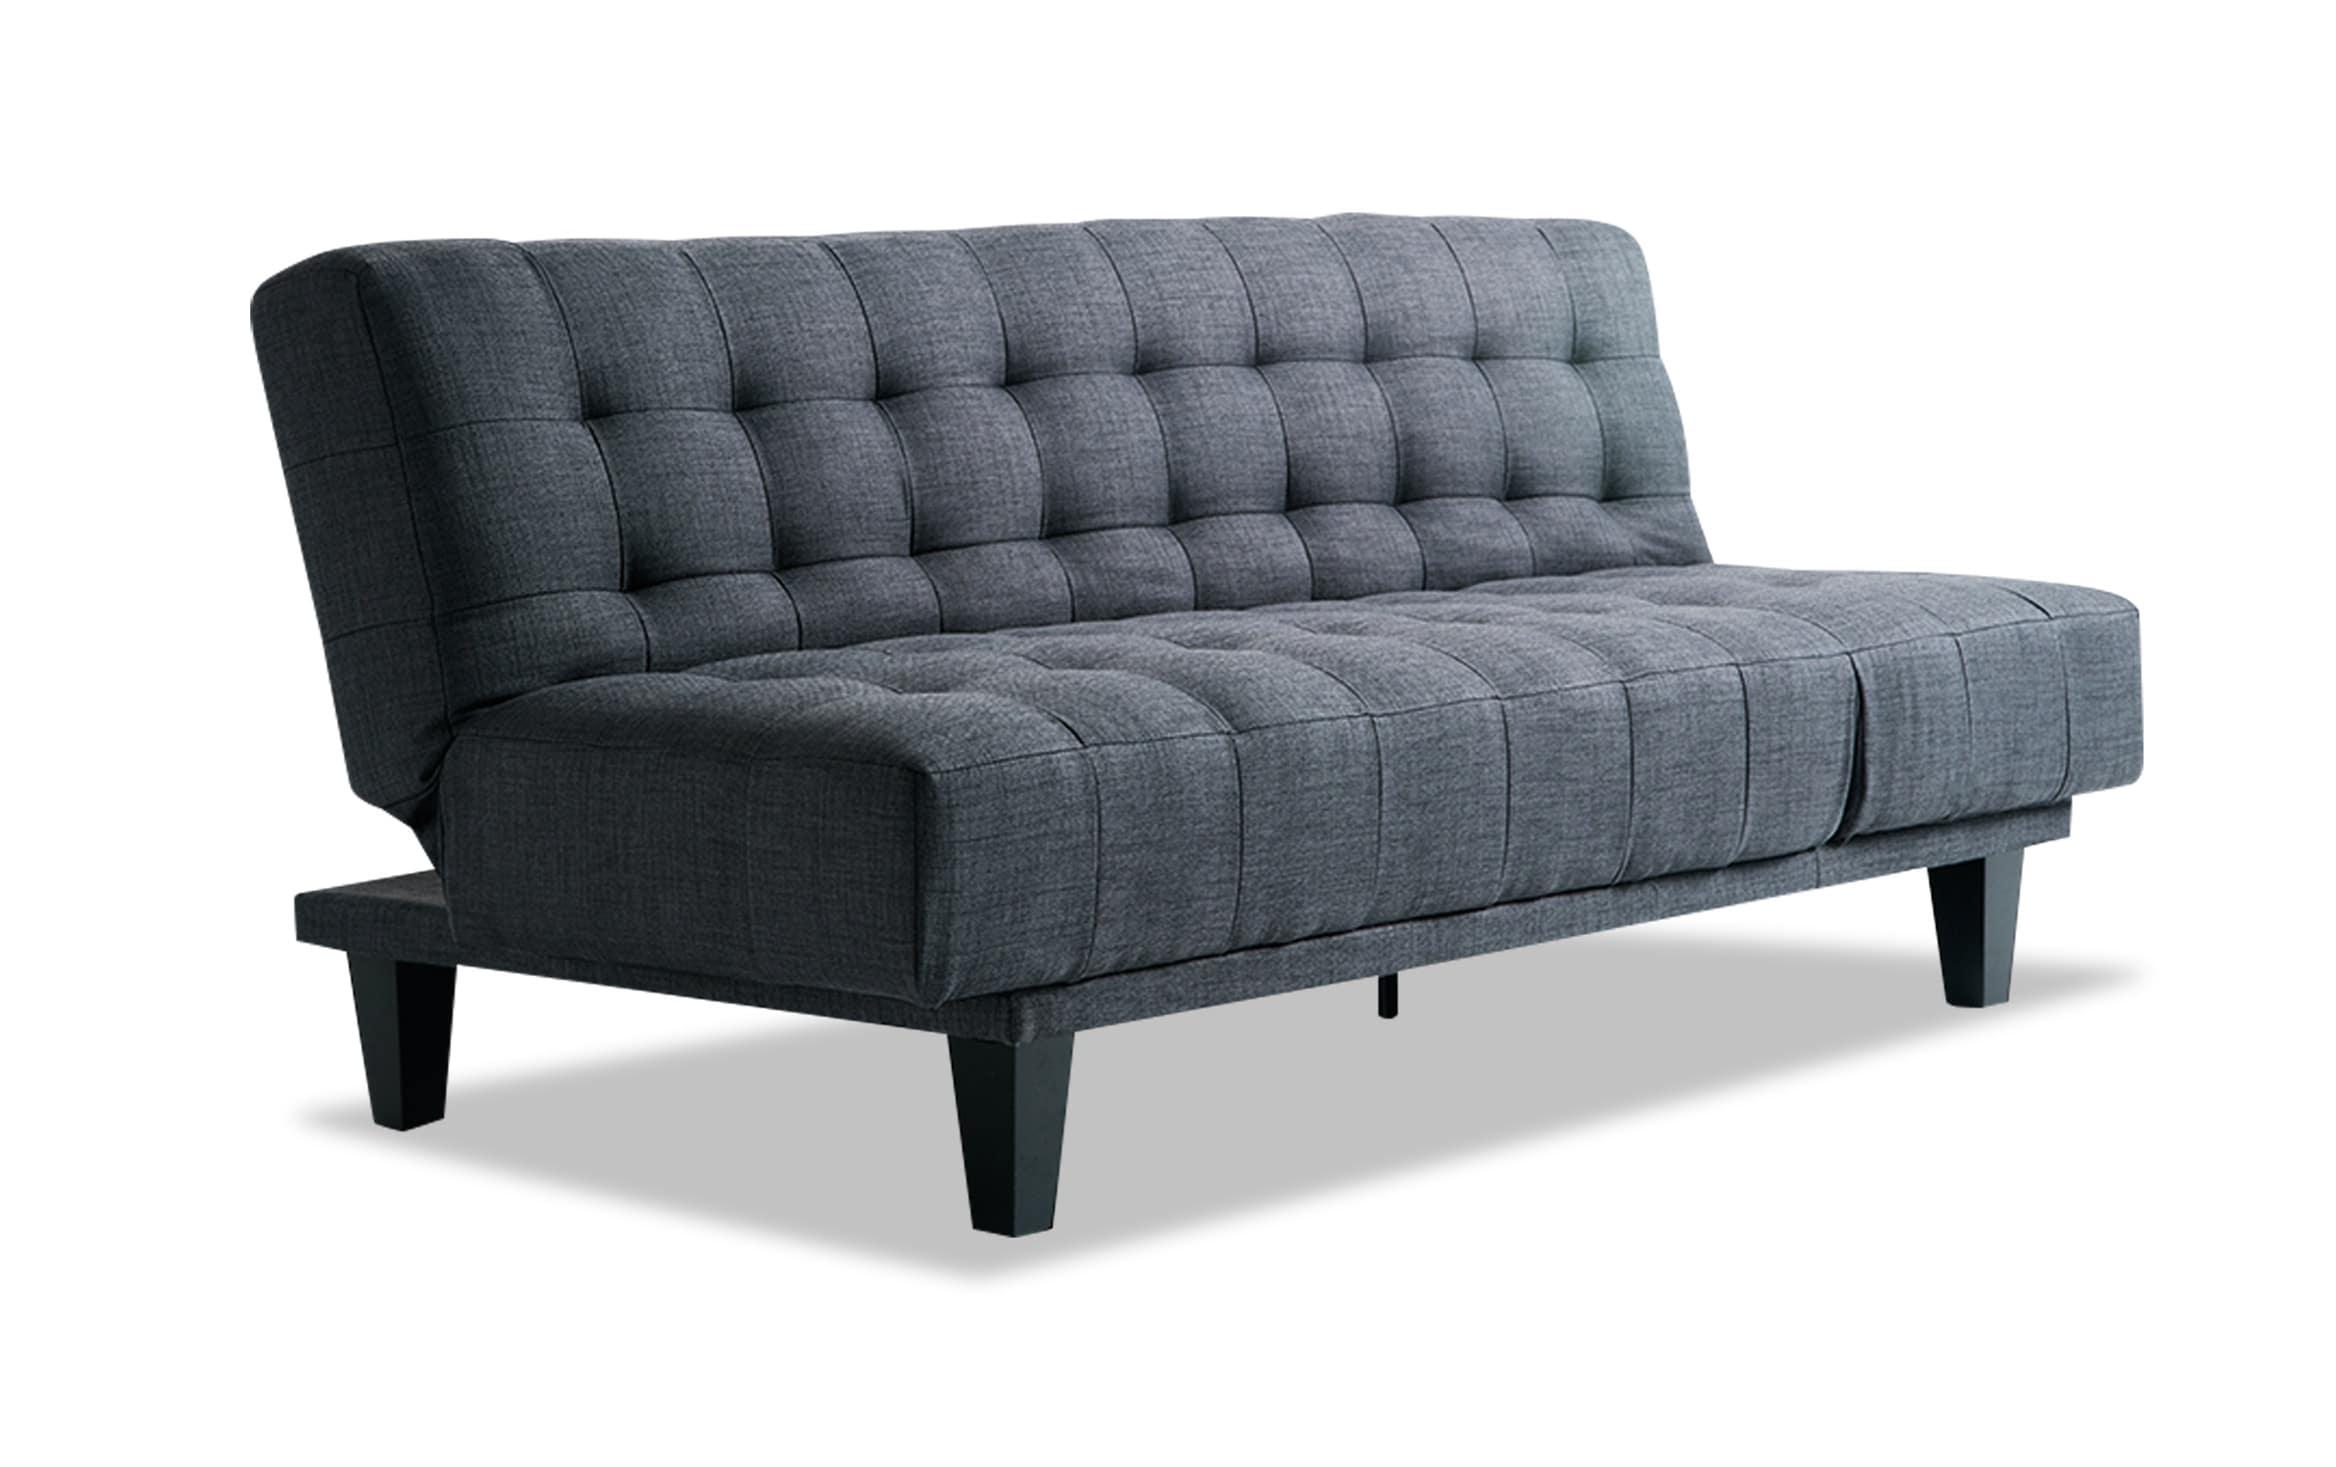 Bobs Furniture Futon Bed Throughout Antonio Light Gray Leather Sofas (View 9 of 15)